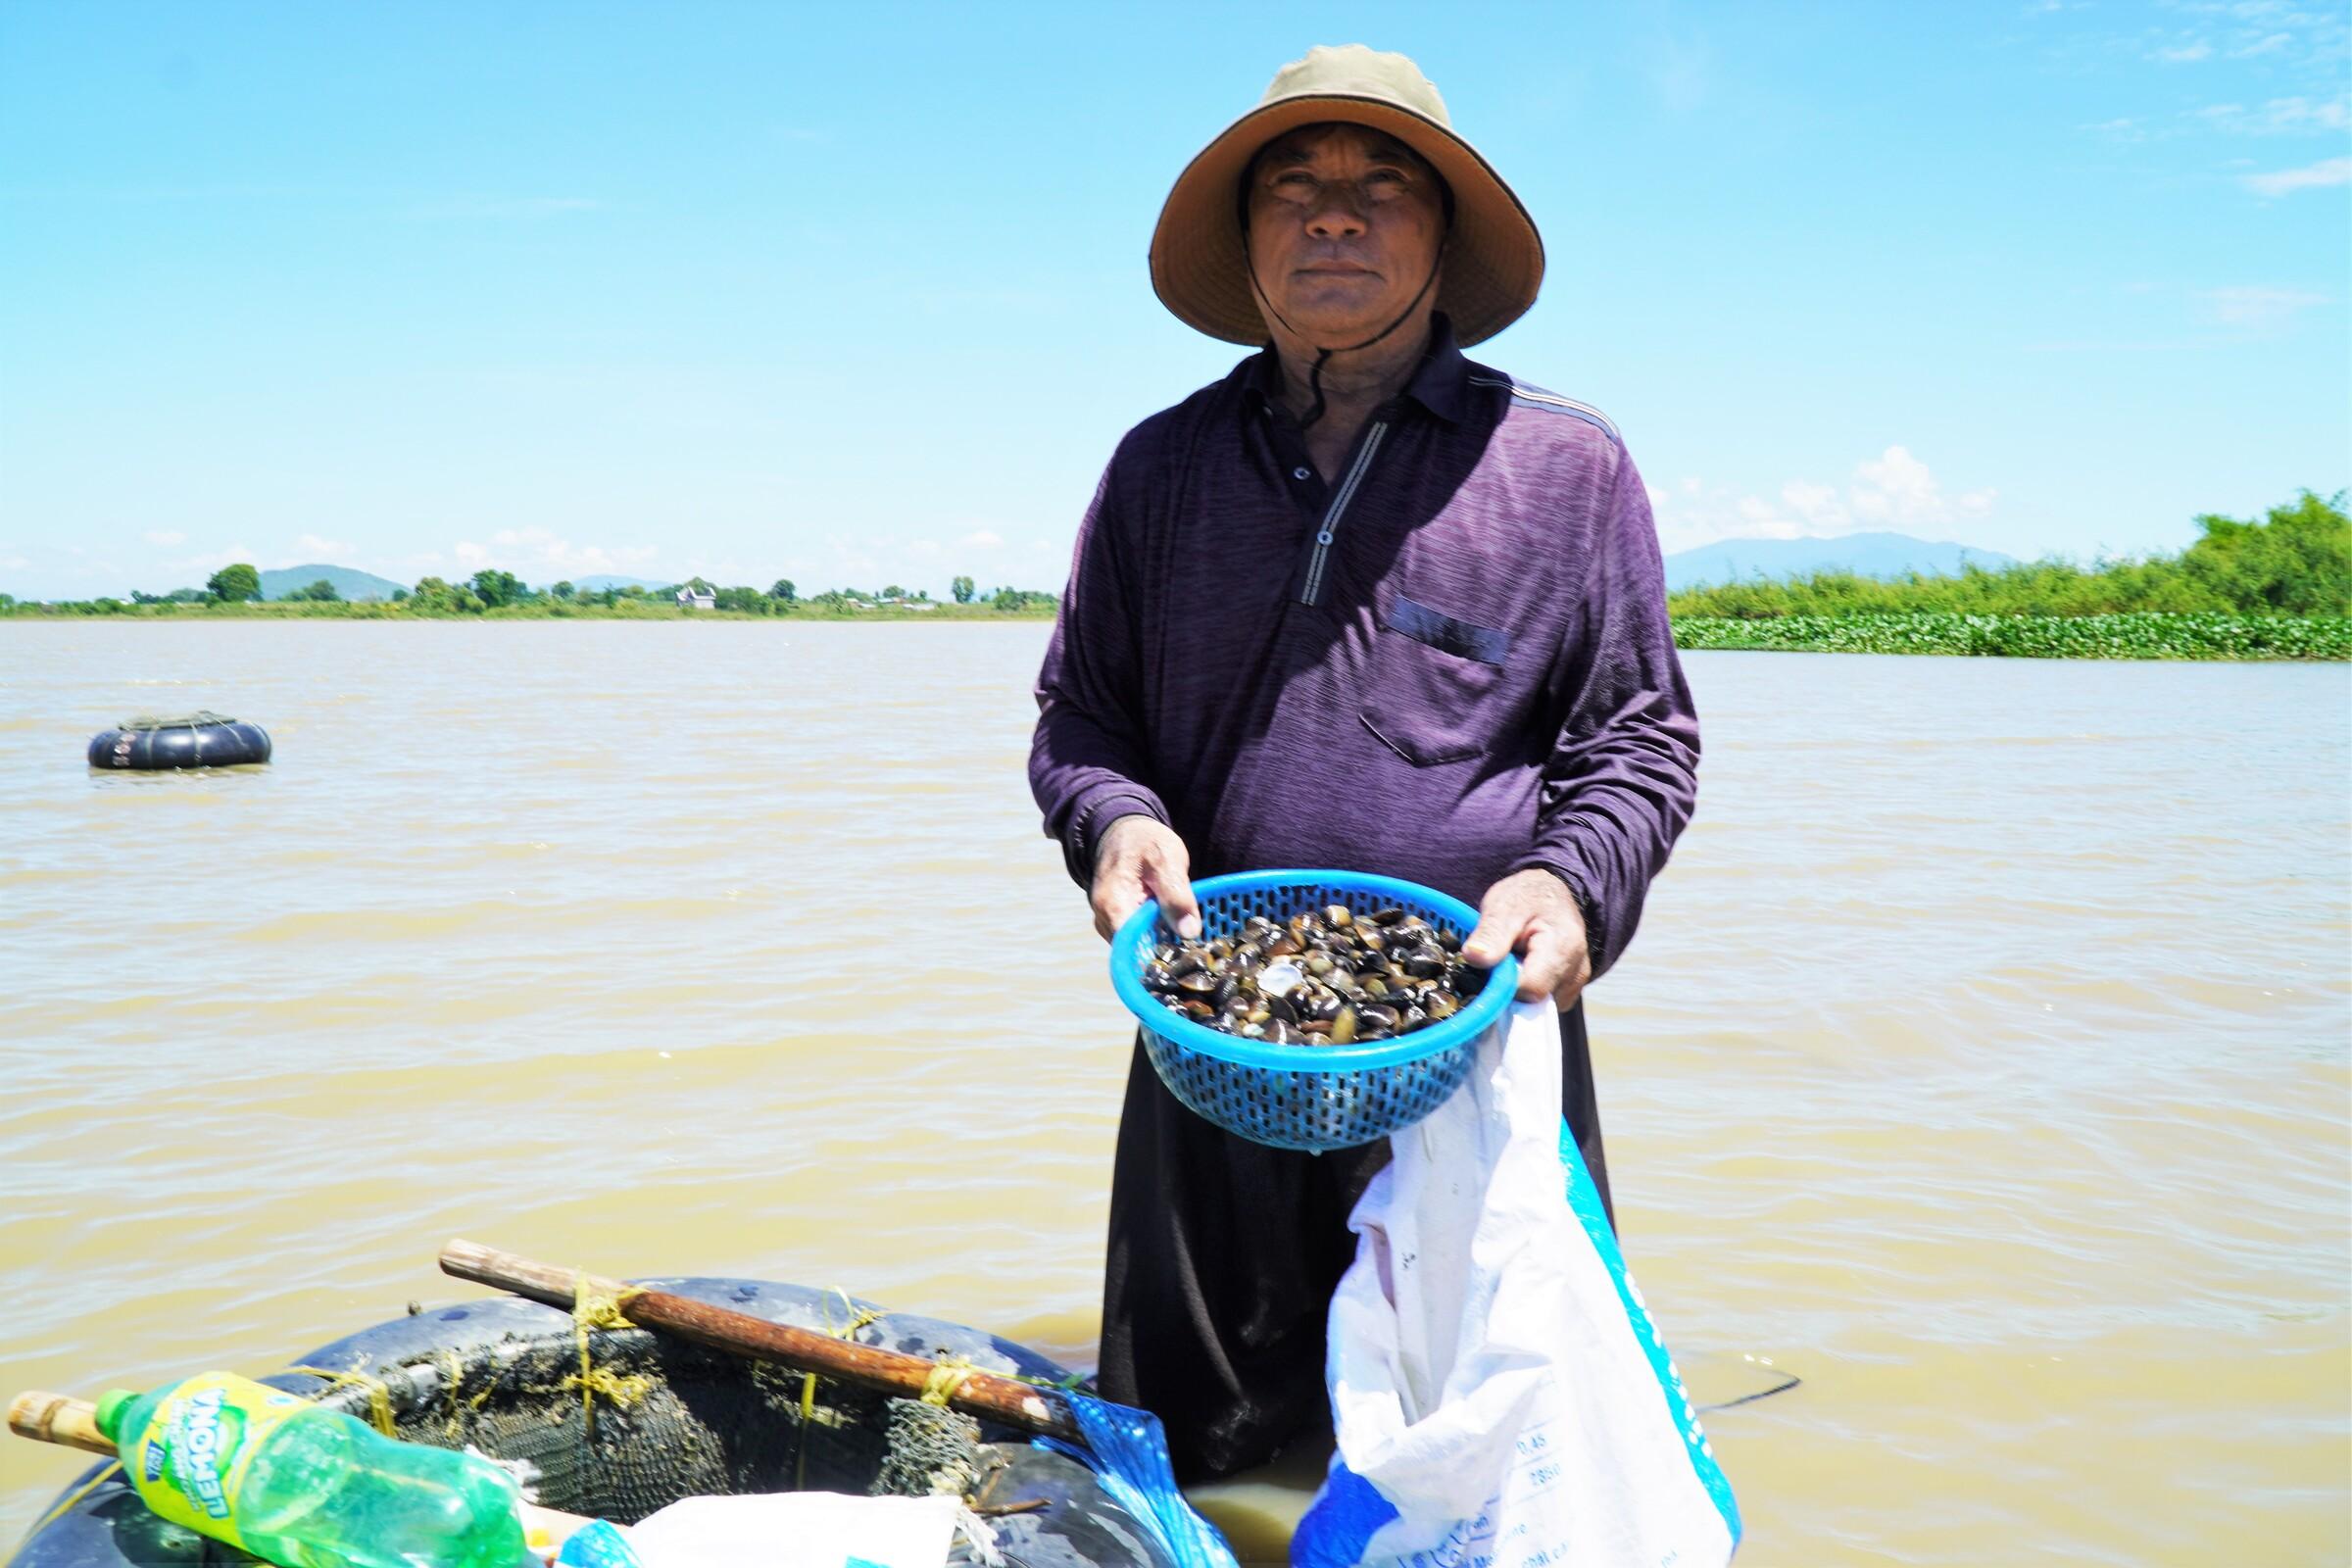 Ông Nguyễn Văn Mạnh đang múc hến đổ vào bao sau 5 giờ ngâm mình cào hến. Ảnh: Việt Quốc.